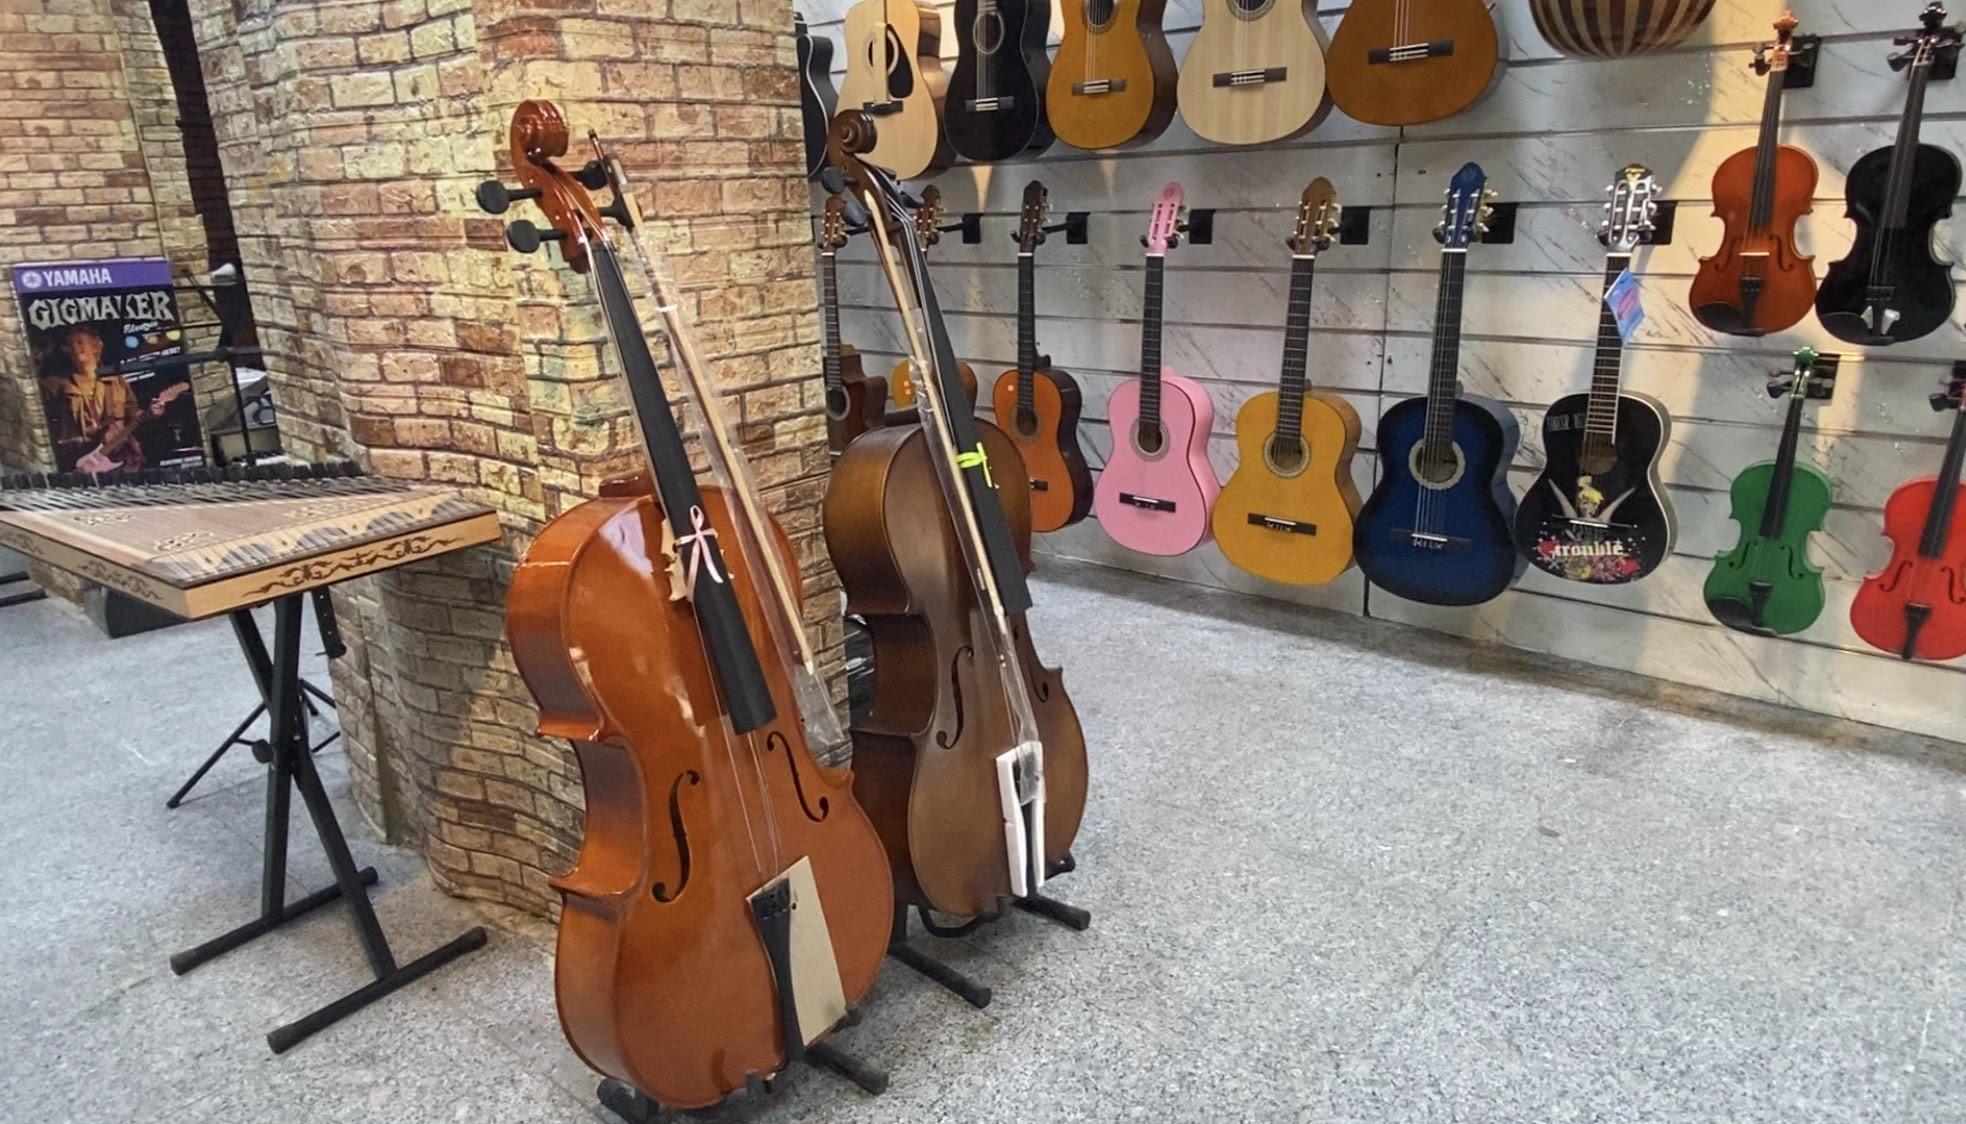 صورة اقبال على شراء العود والغيتار في بغداد